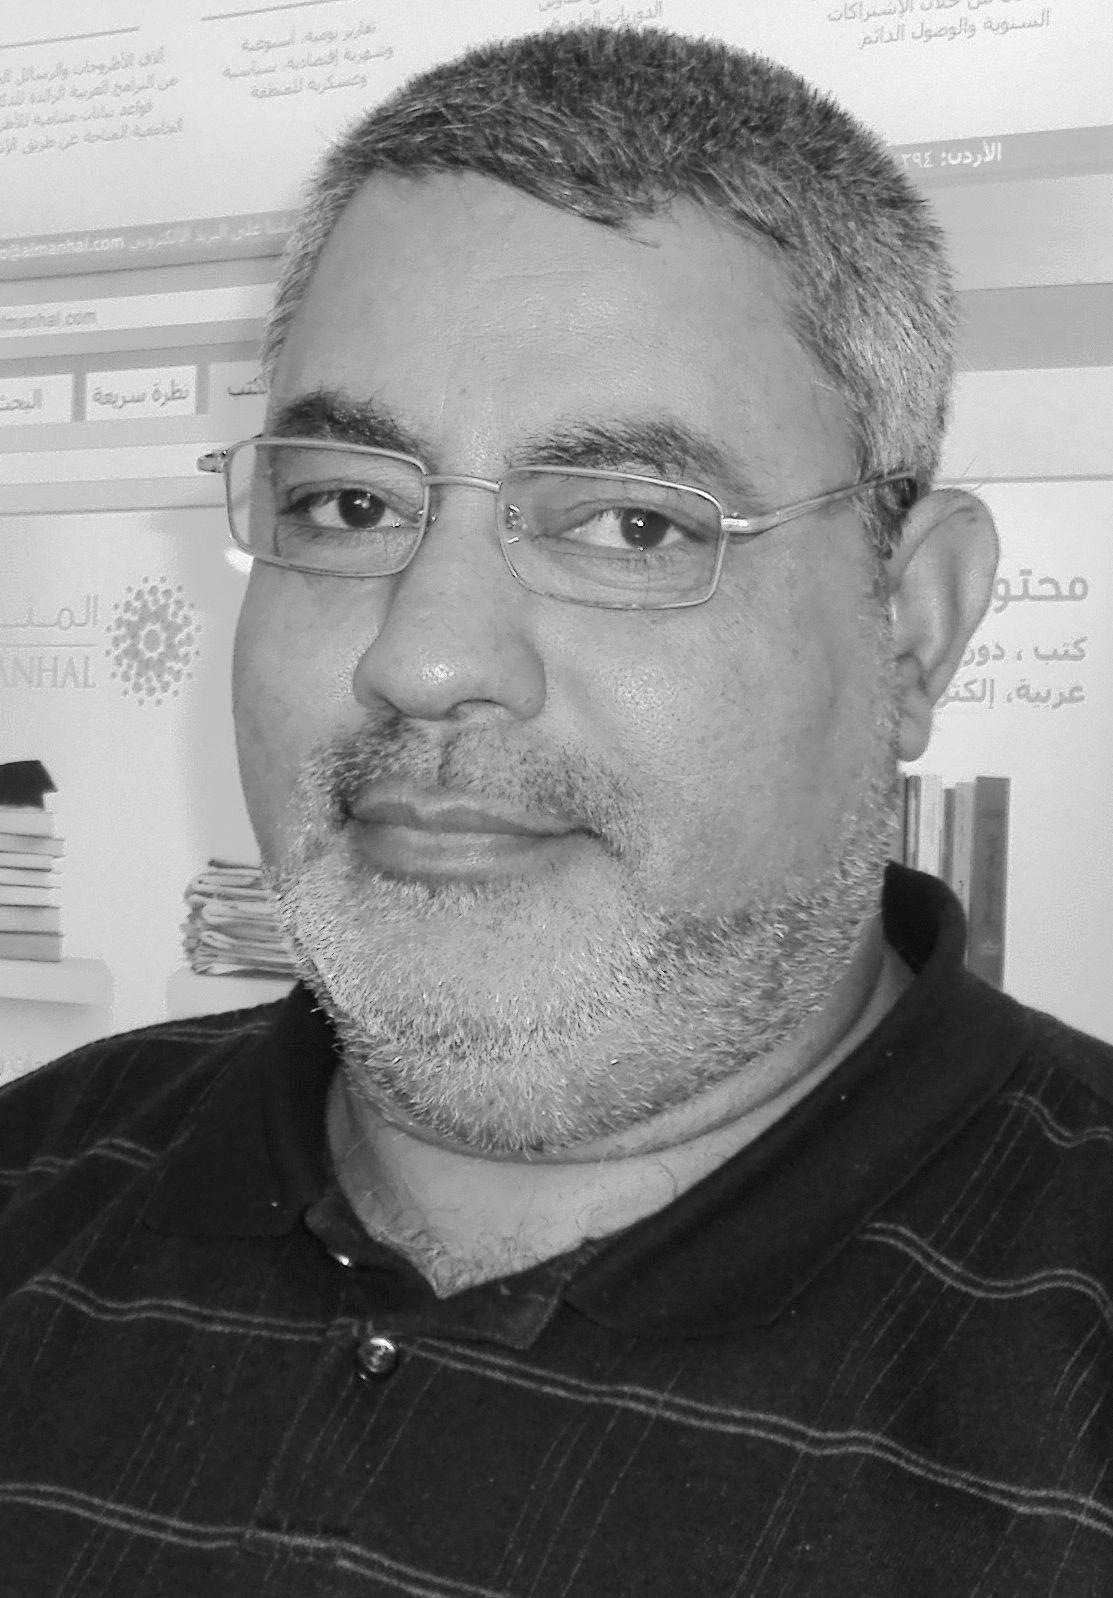 د. إبراهيم التركاوي Headshot